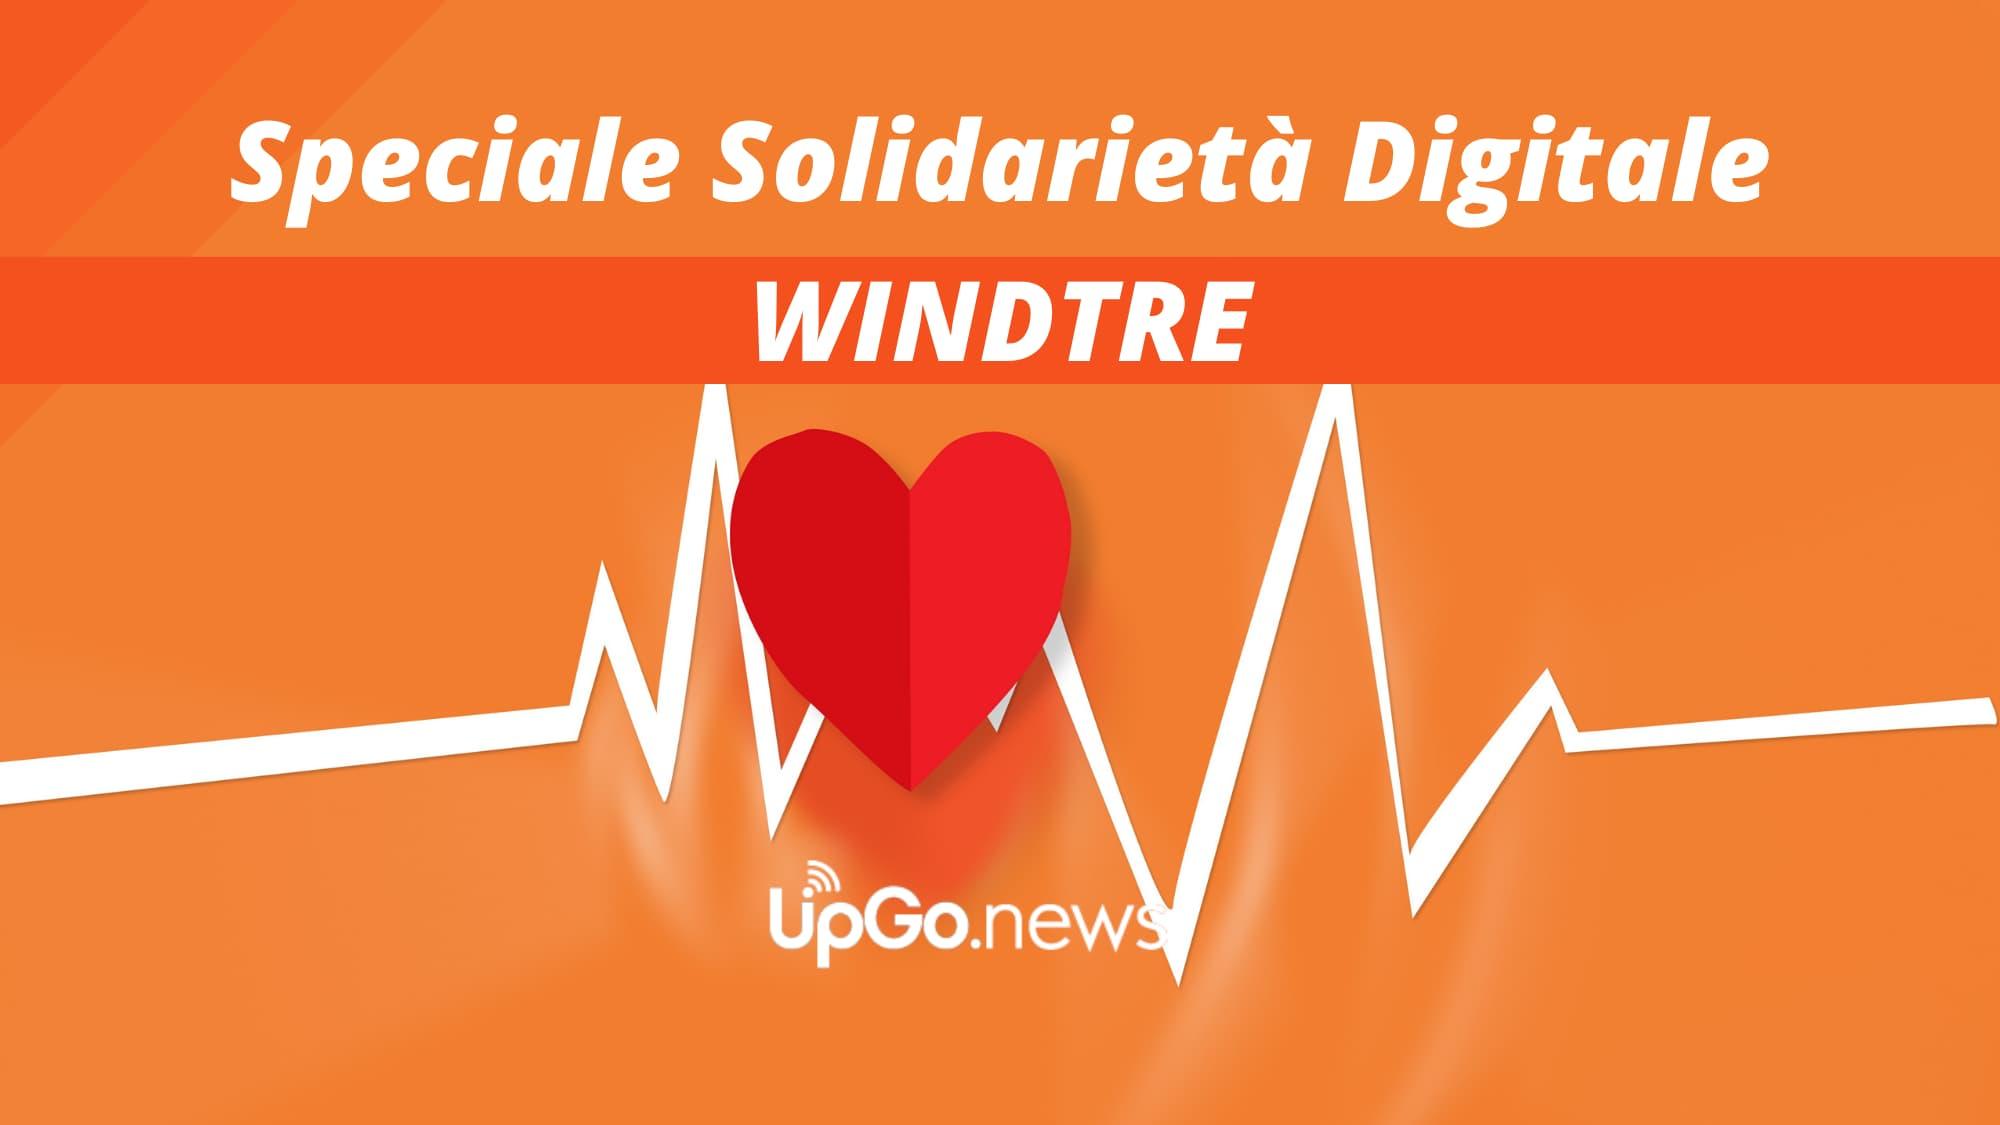 Solidarietà Digitale Windtre